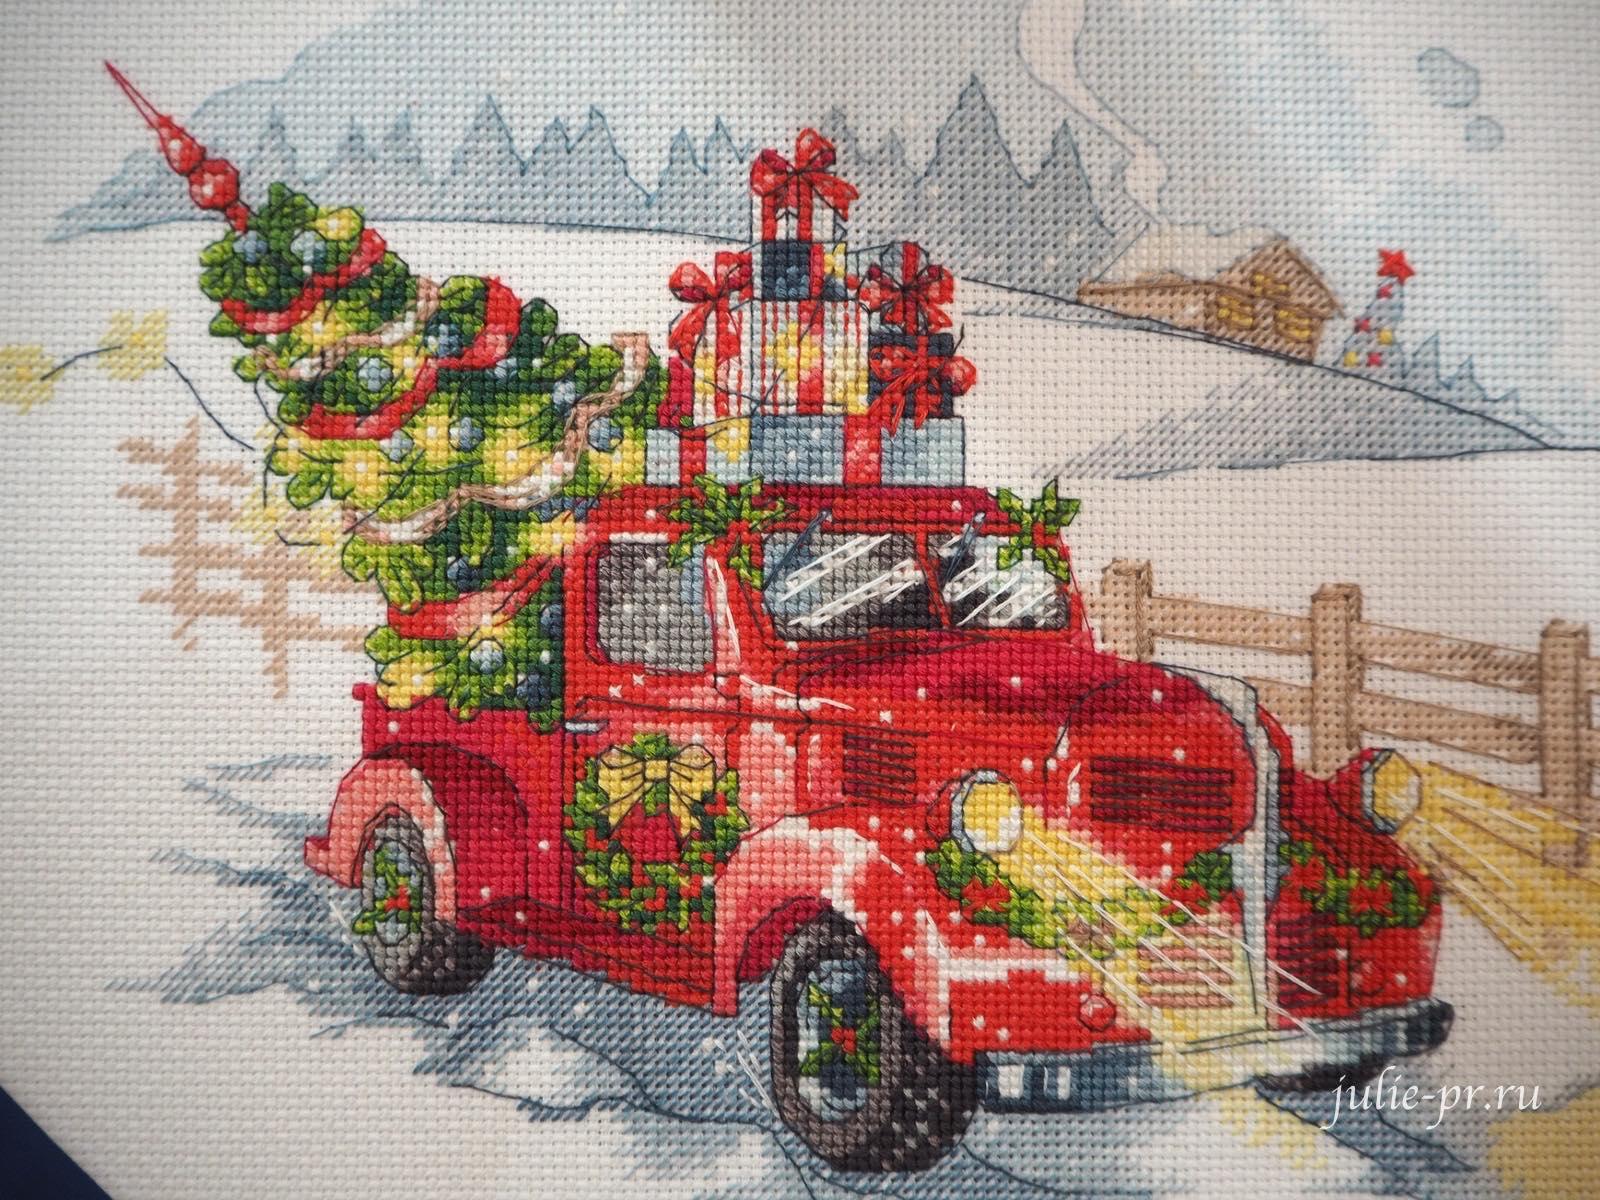 Риолис, новогодняя красная машина, вышивка крестом